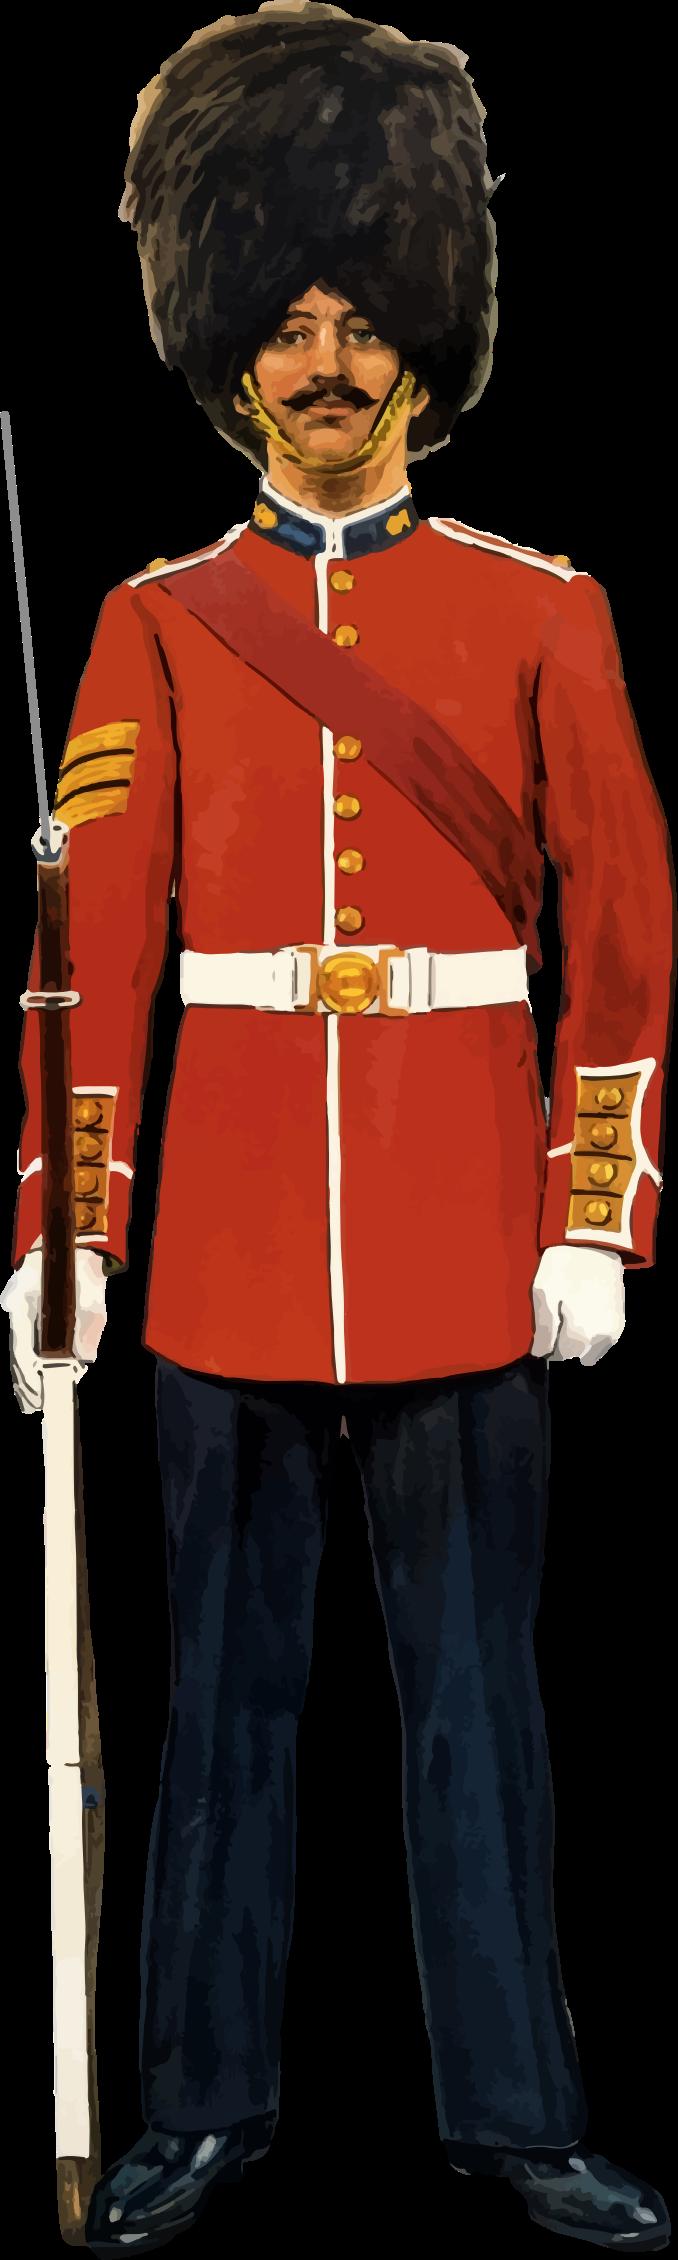 Soldier clipart british soldier British Vintage Soldier British Vintage